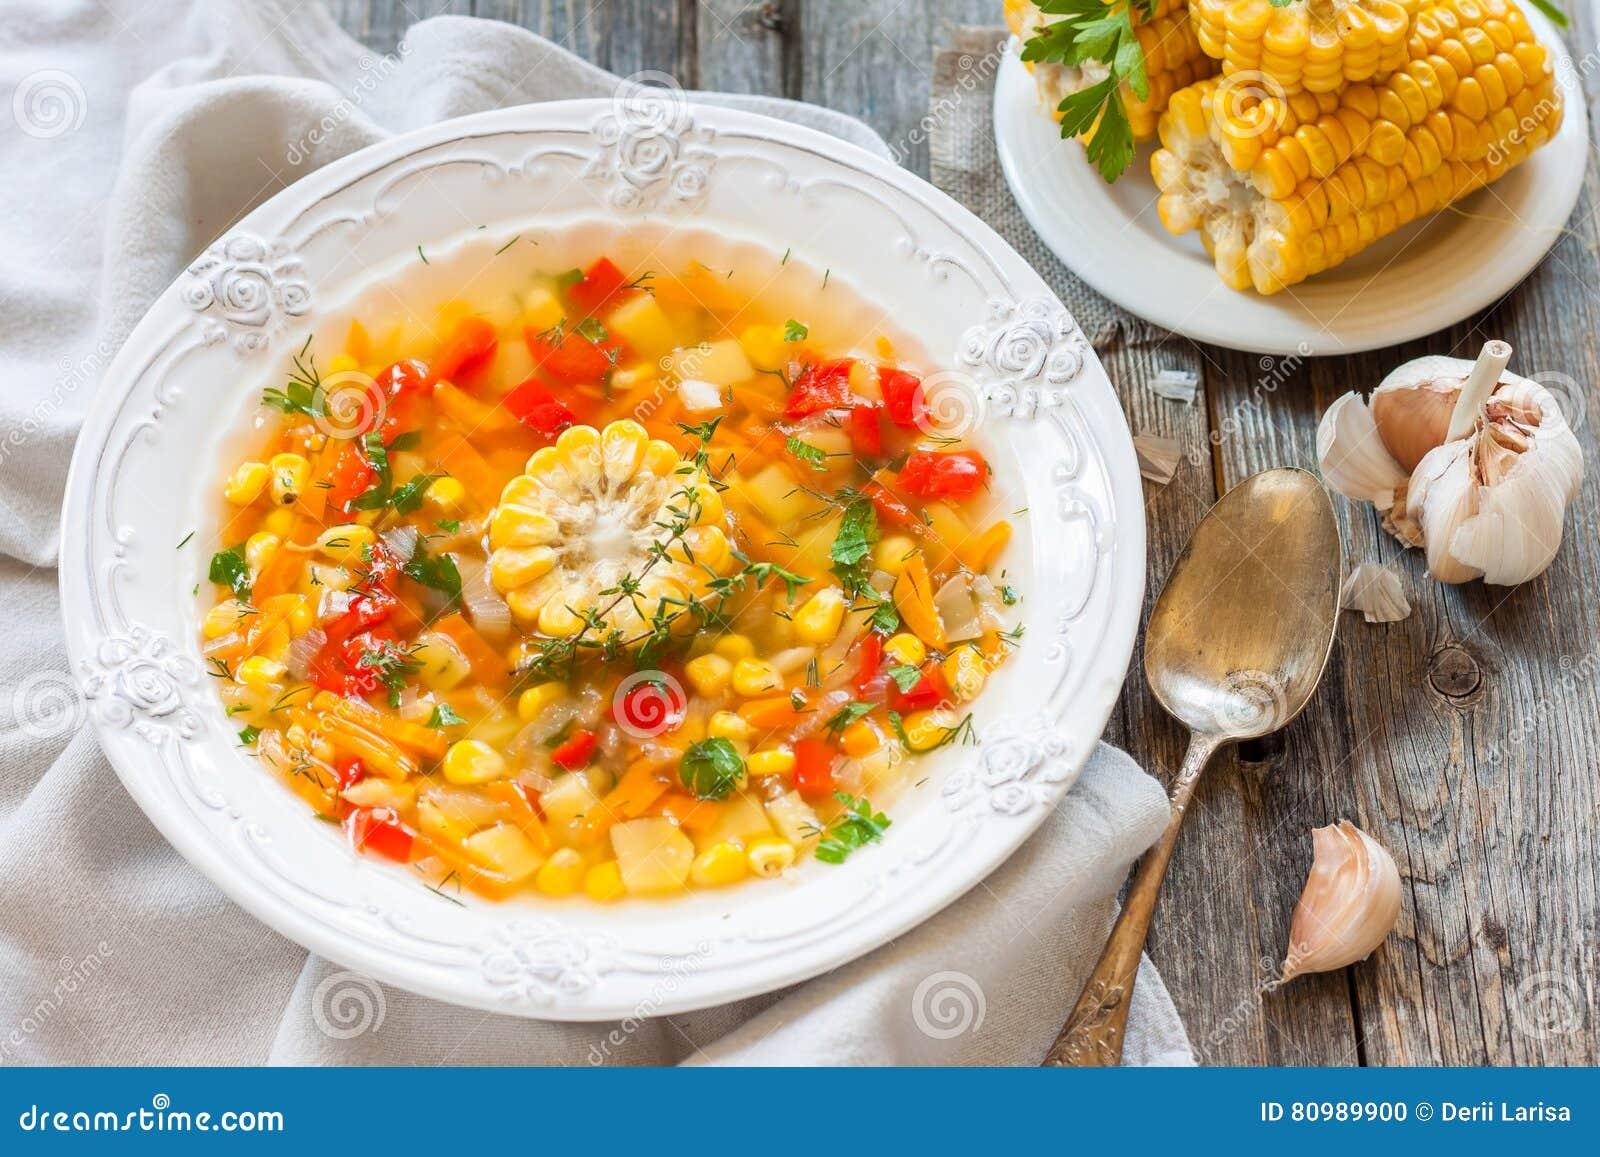 Corn soup corn soup with vegetables